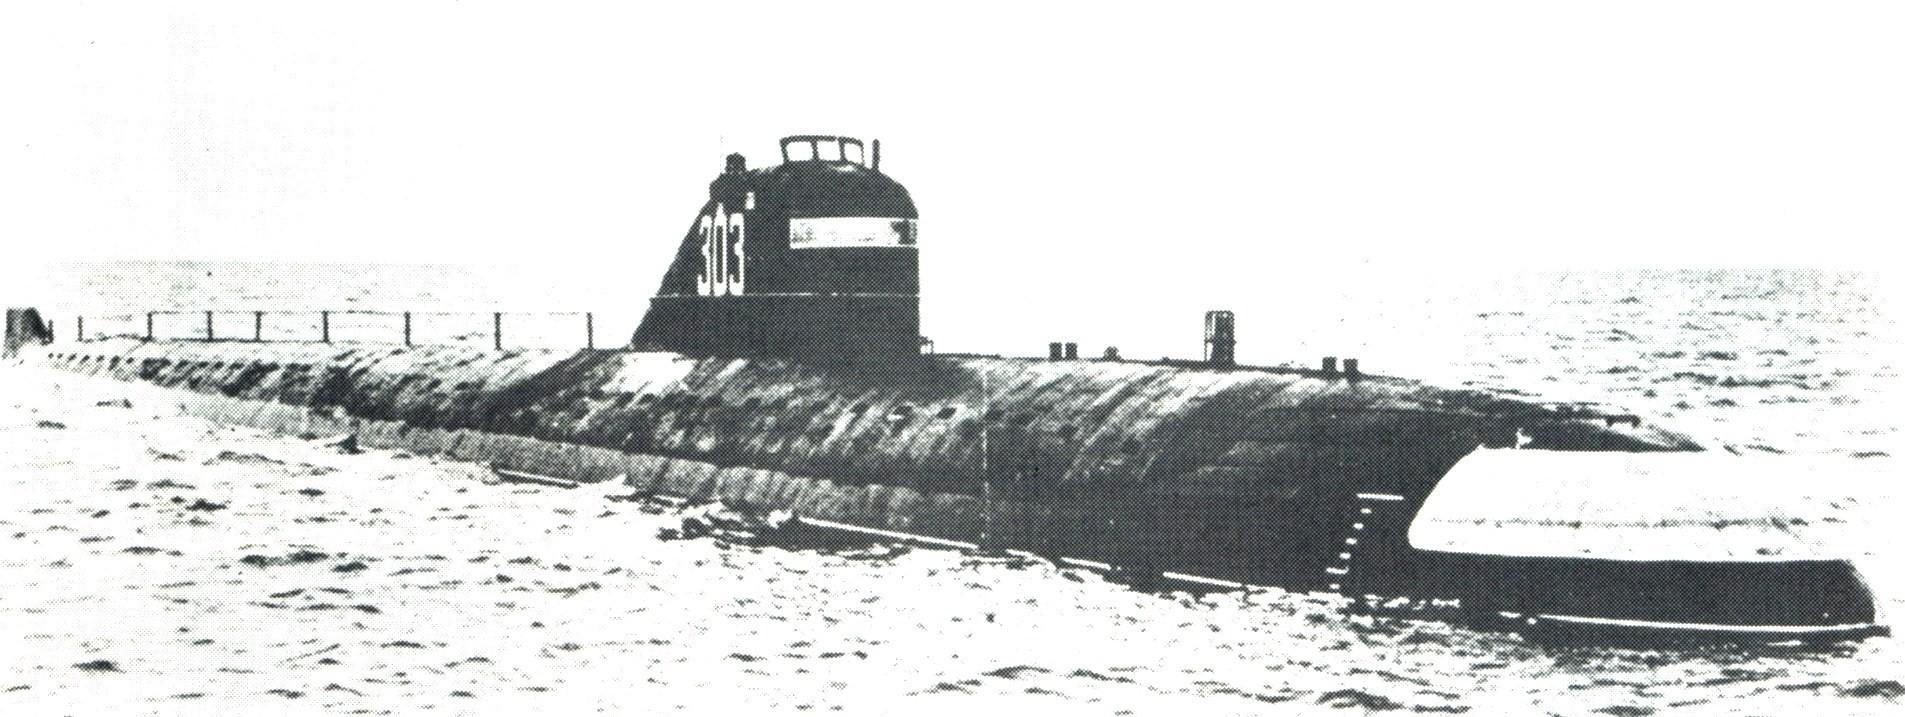 16-1211j.jpg